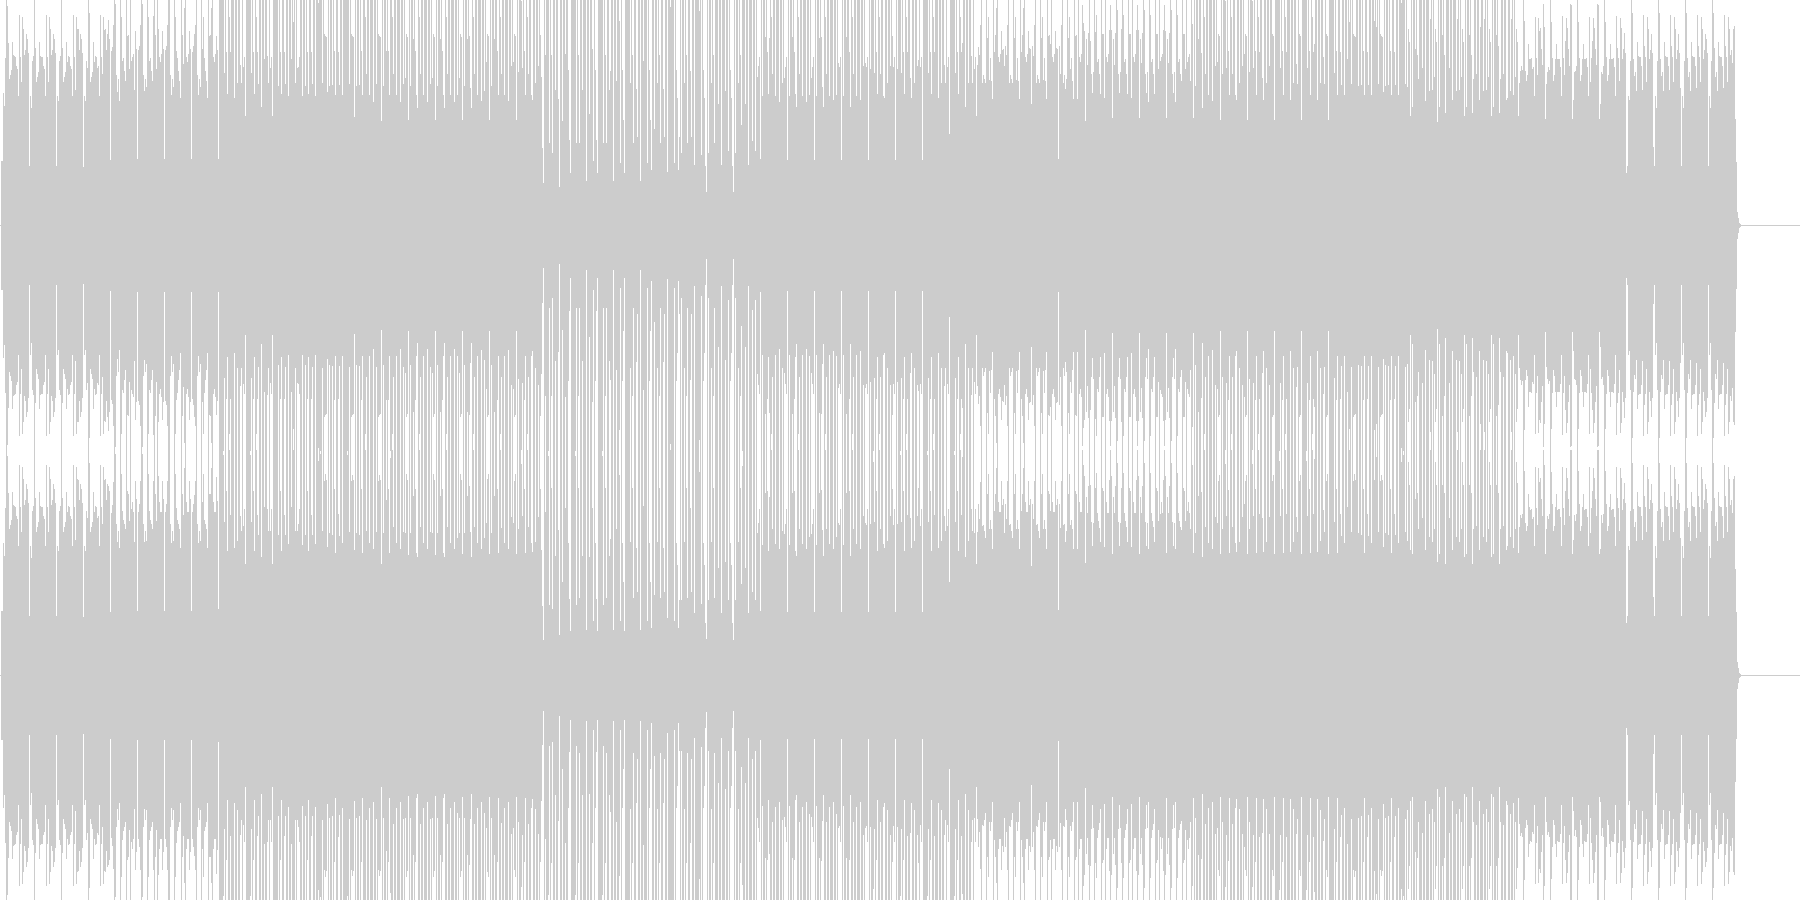 ほのぼのフォークトロニカ  映像 BGMの未再生の波形